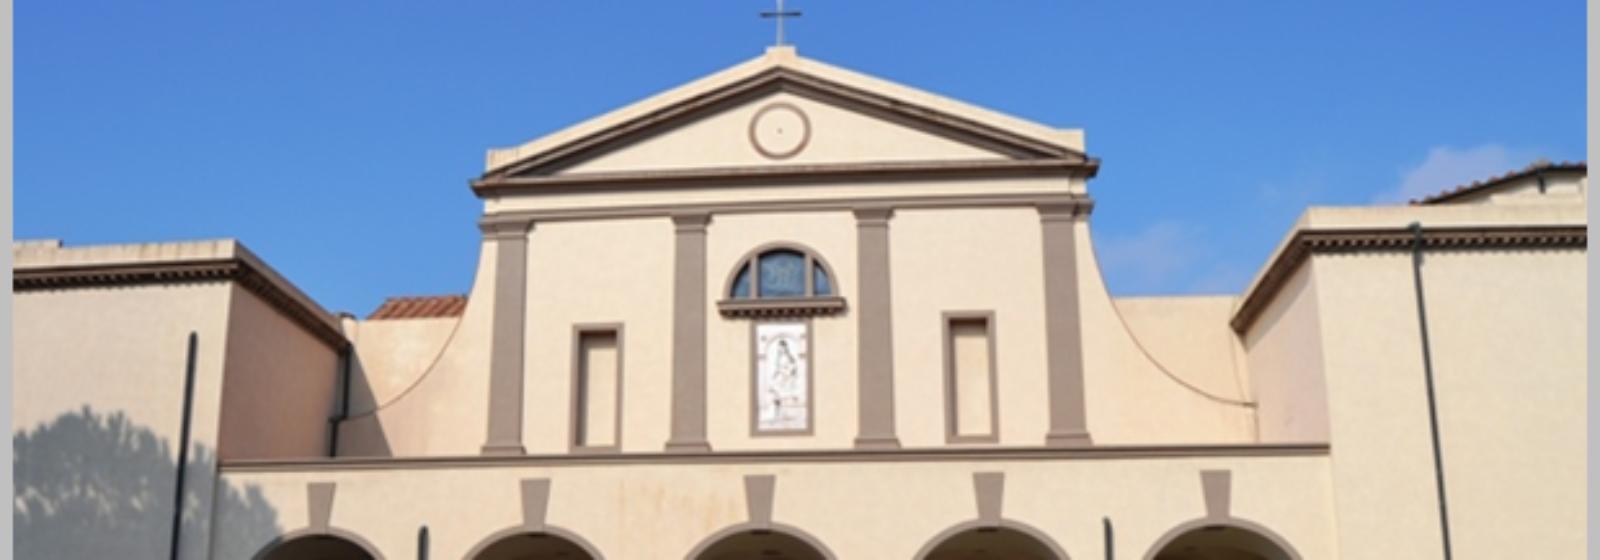 Natività di Maria - S. Romano Valdarno